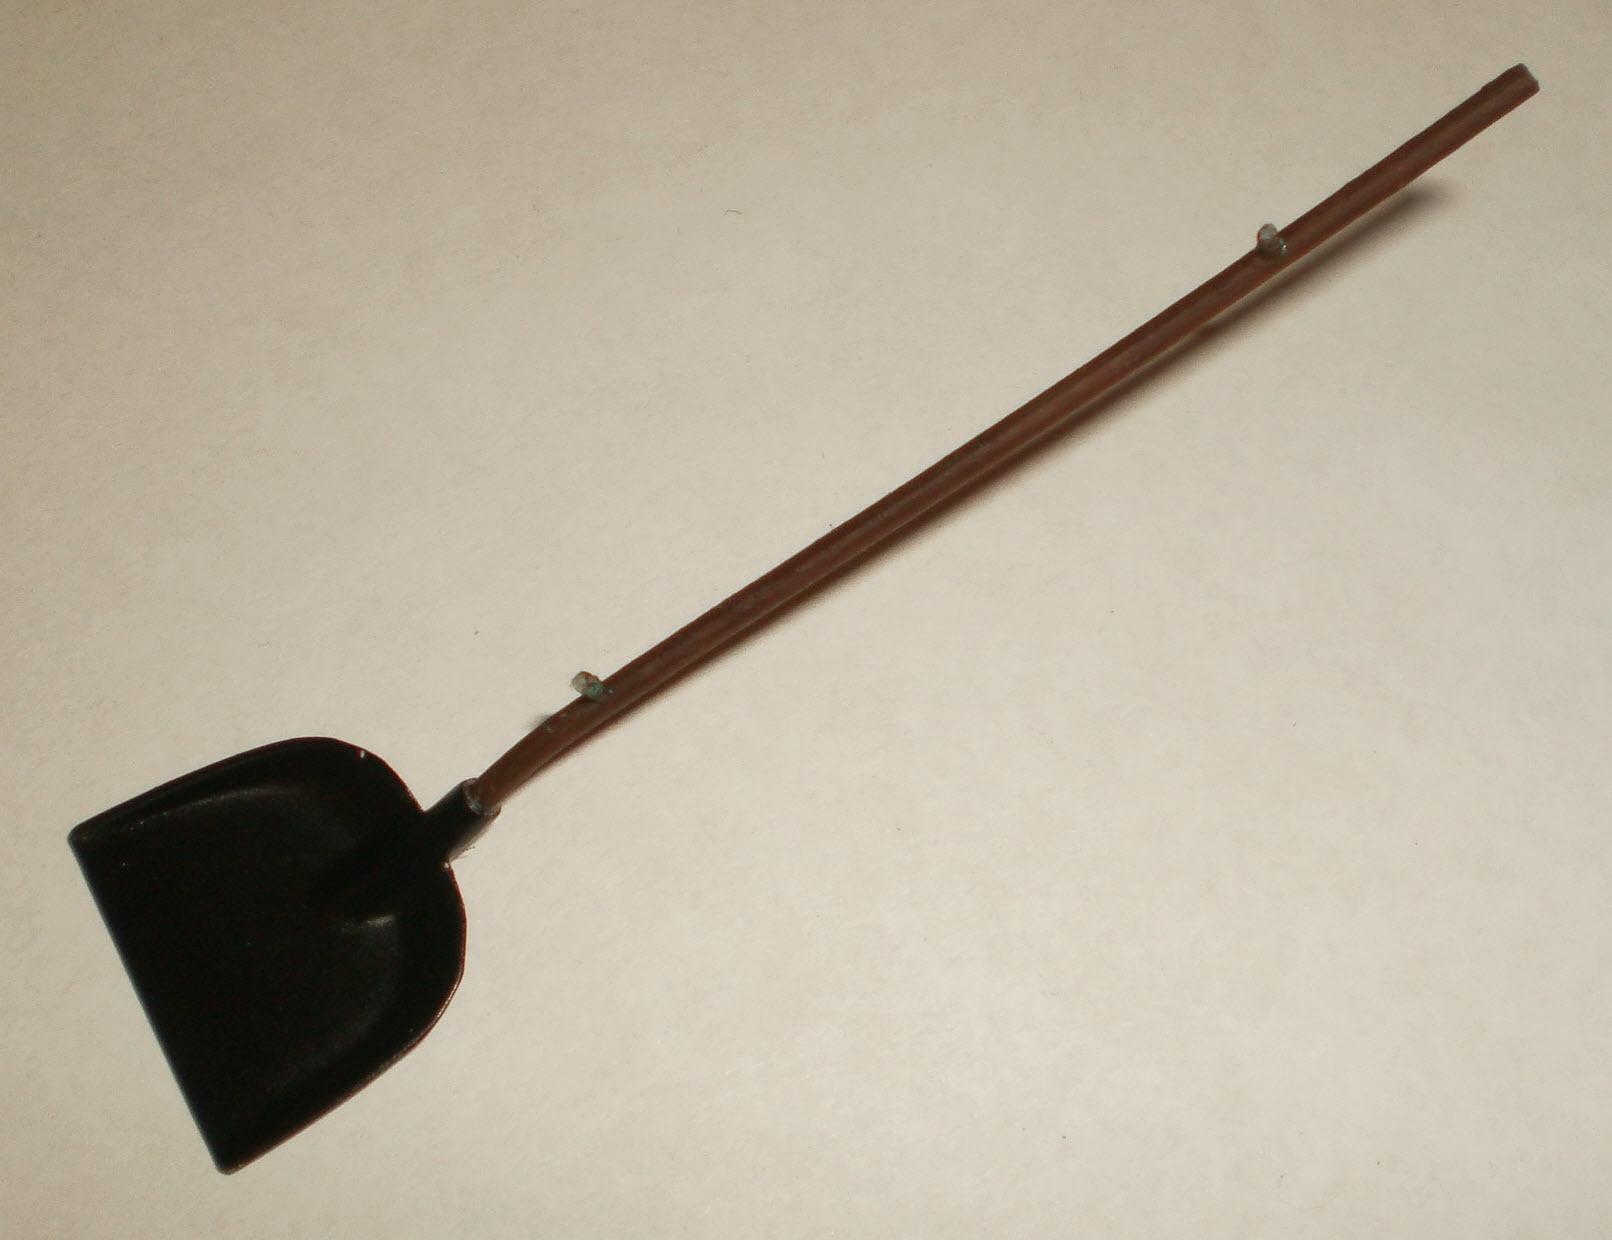 подборочная лопата